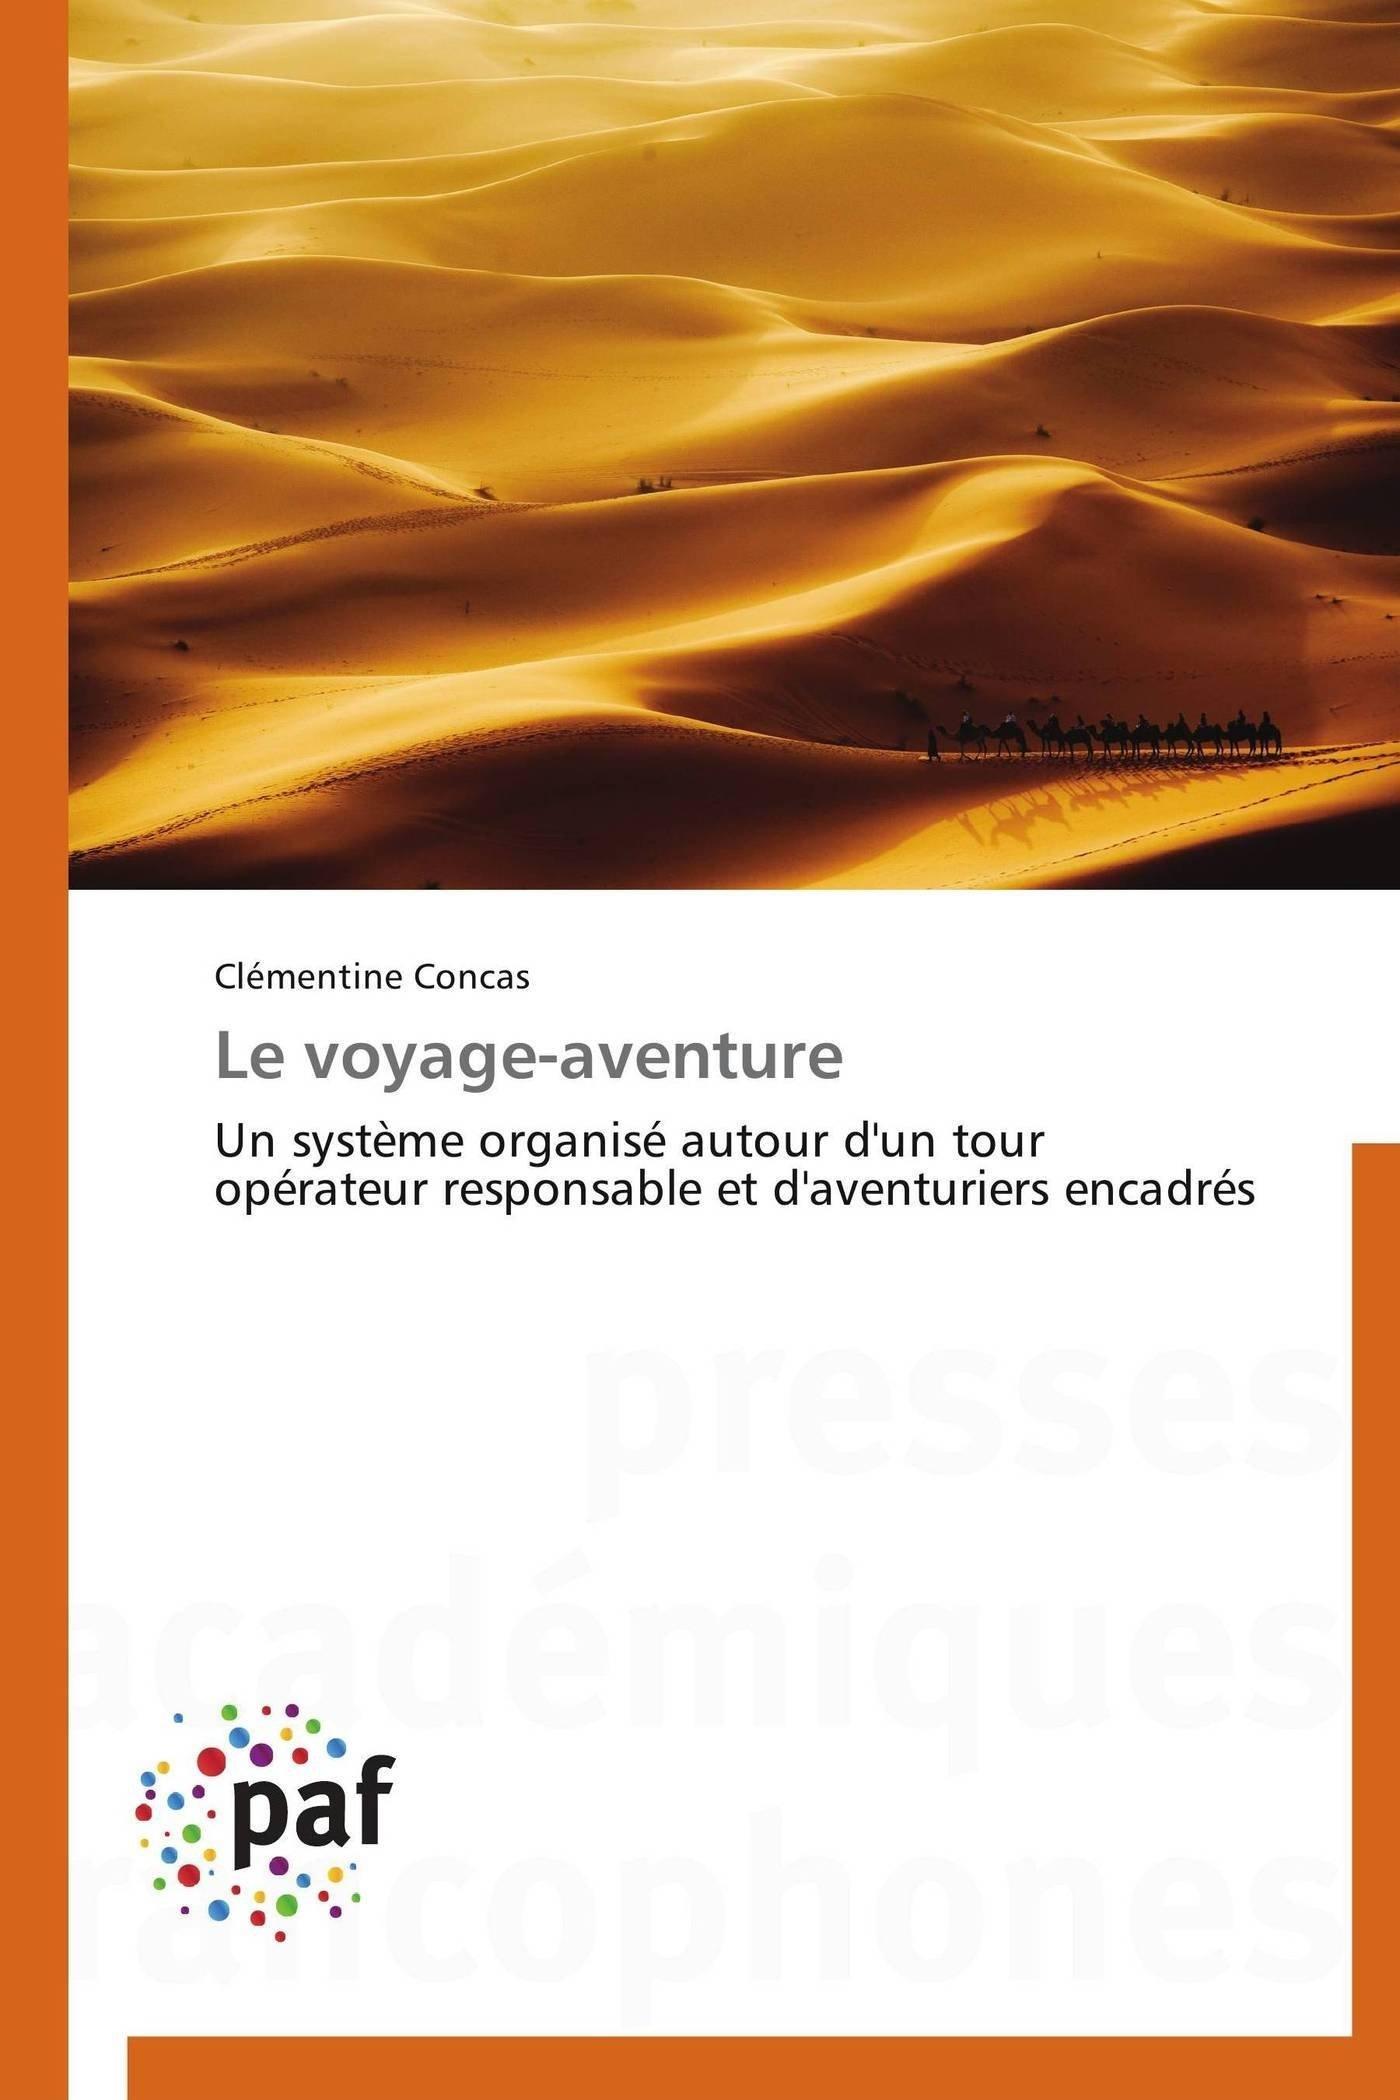 Download Le voyage-aventure: Un système organisé autour d'un tour opérateur responsable et d'aventuriers encadrés (Omn.Pres.Franc.) (French Edition) PDF